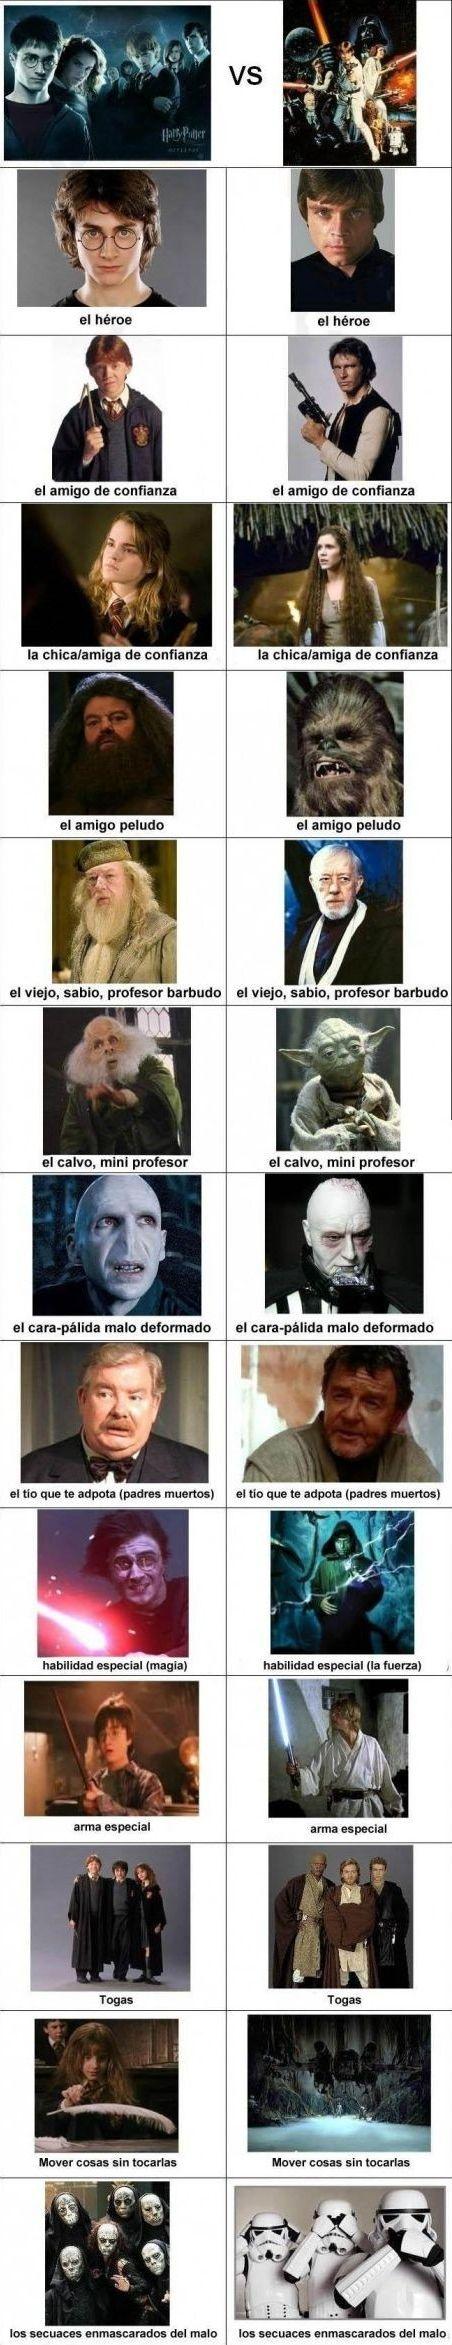 Coincidencias entre Harry Potter y La Guerra de las Galaxias